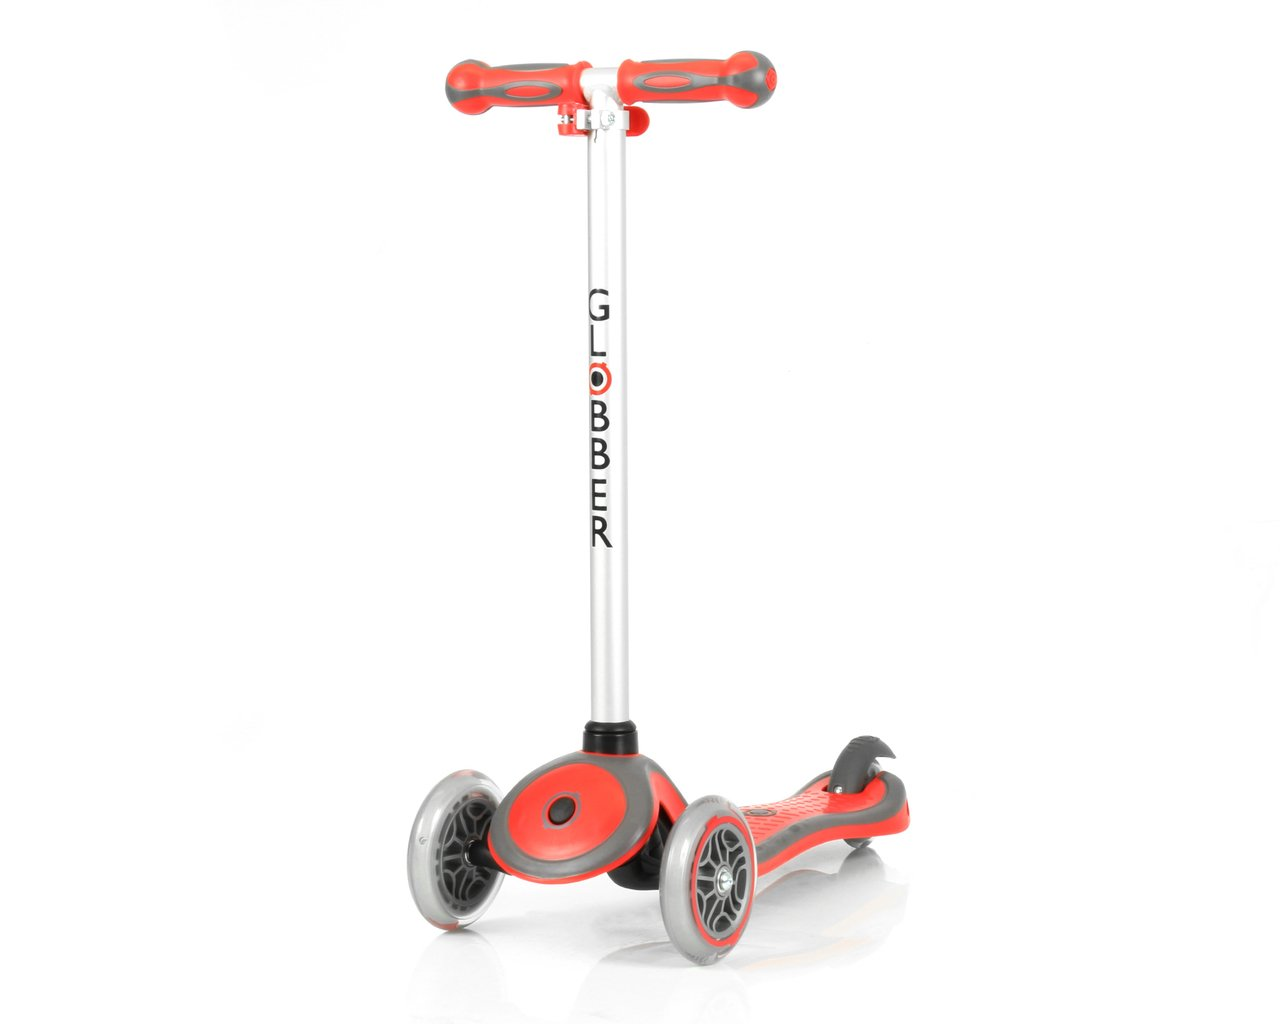 GLOBBER グロッバー PRIMO キックボード 3輪 フットブレーキ  外遊び 子供 乗り物 安全設計 キックスクーター (プラム) WLGB440114 B00PAODRXS ファイアレッド ファイアレッド